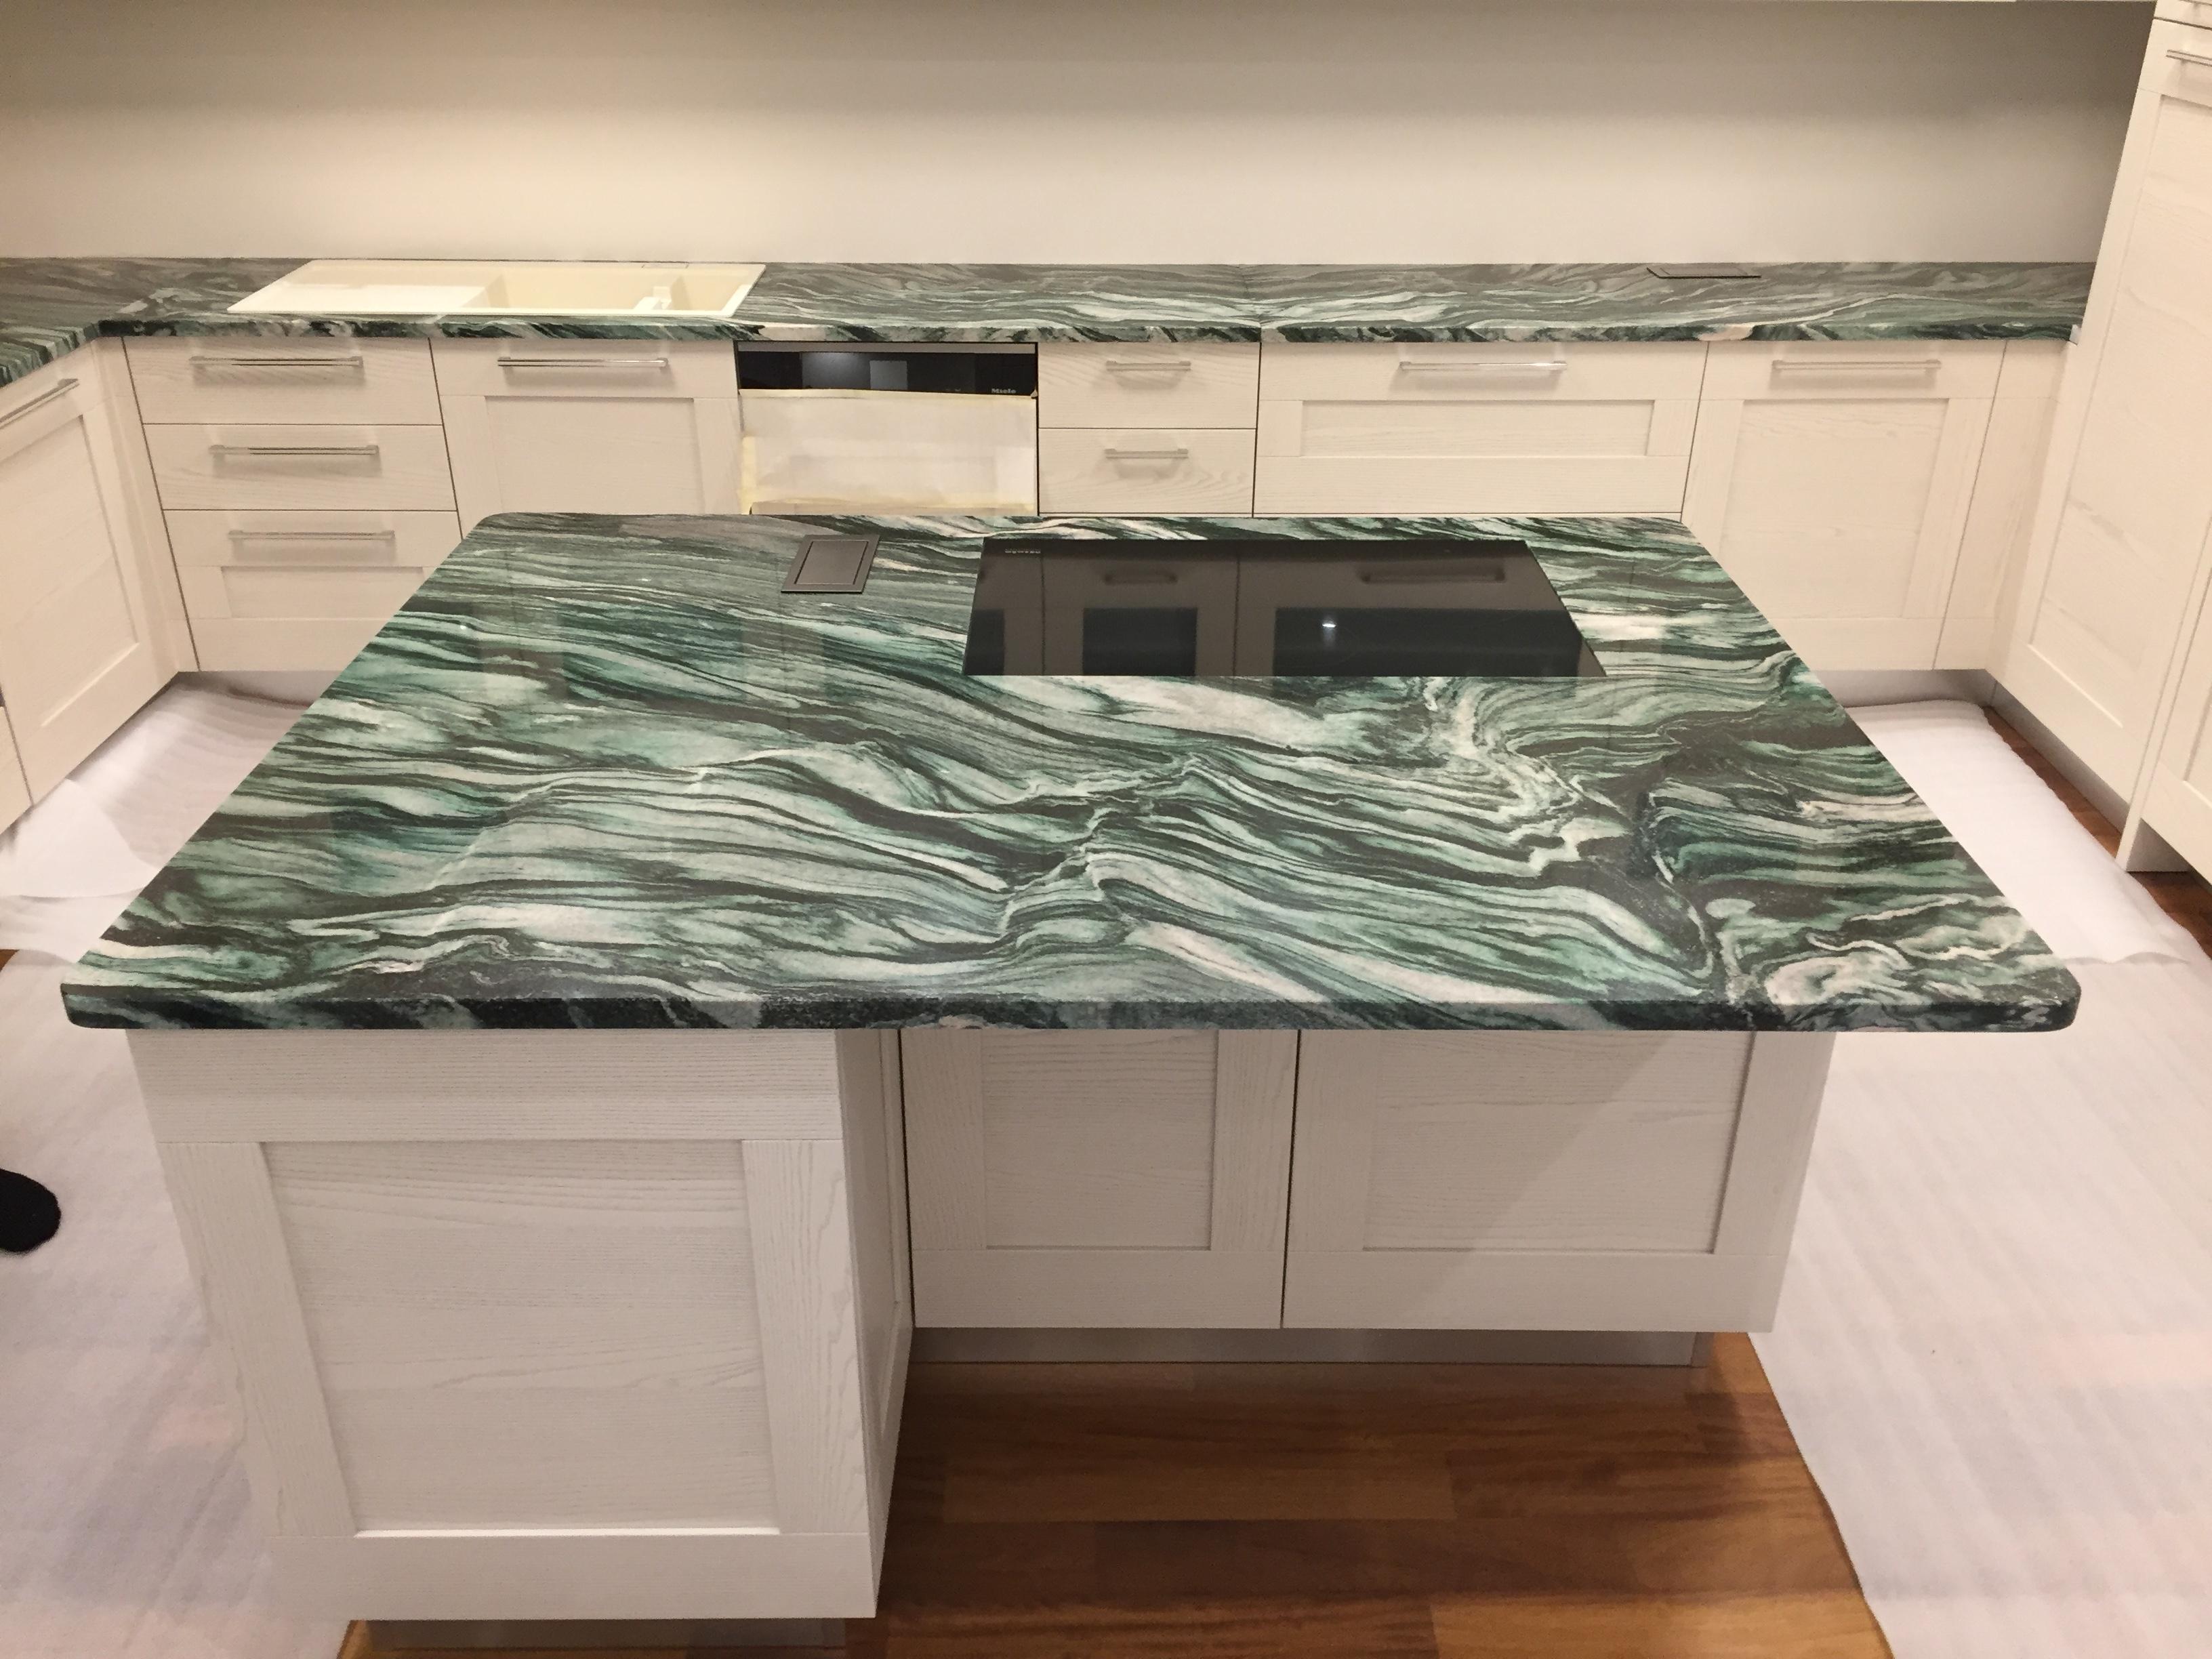 Verde Lapponia Gránit x3cm konyhasziget fényes felülettel, egysíkba süllyeszthetős sütőlappal és konektorral!